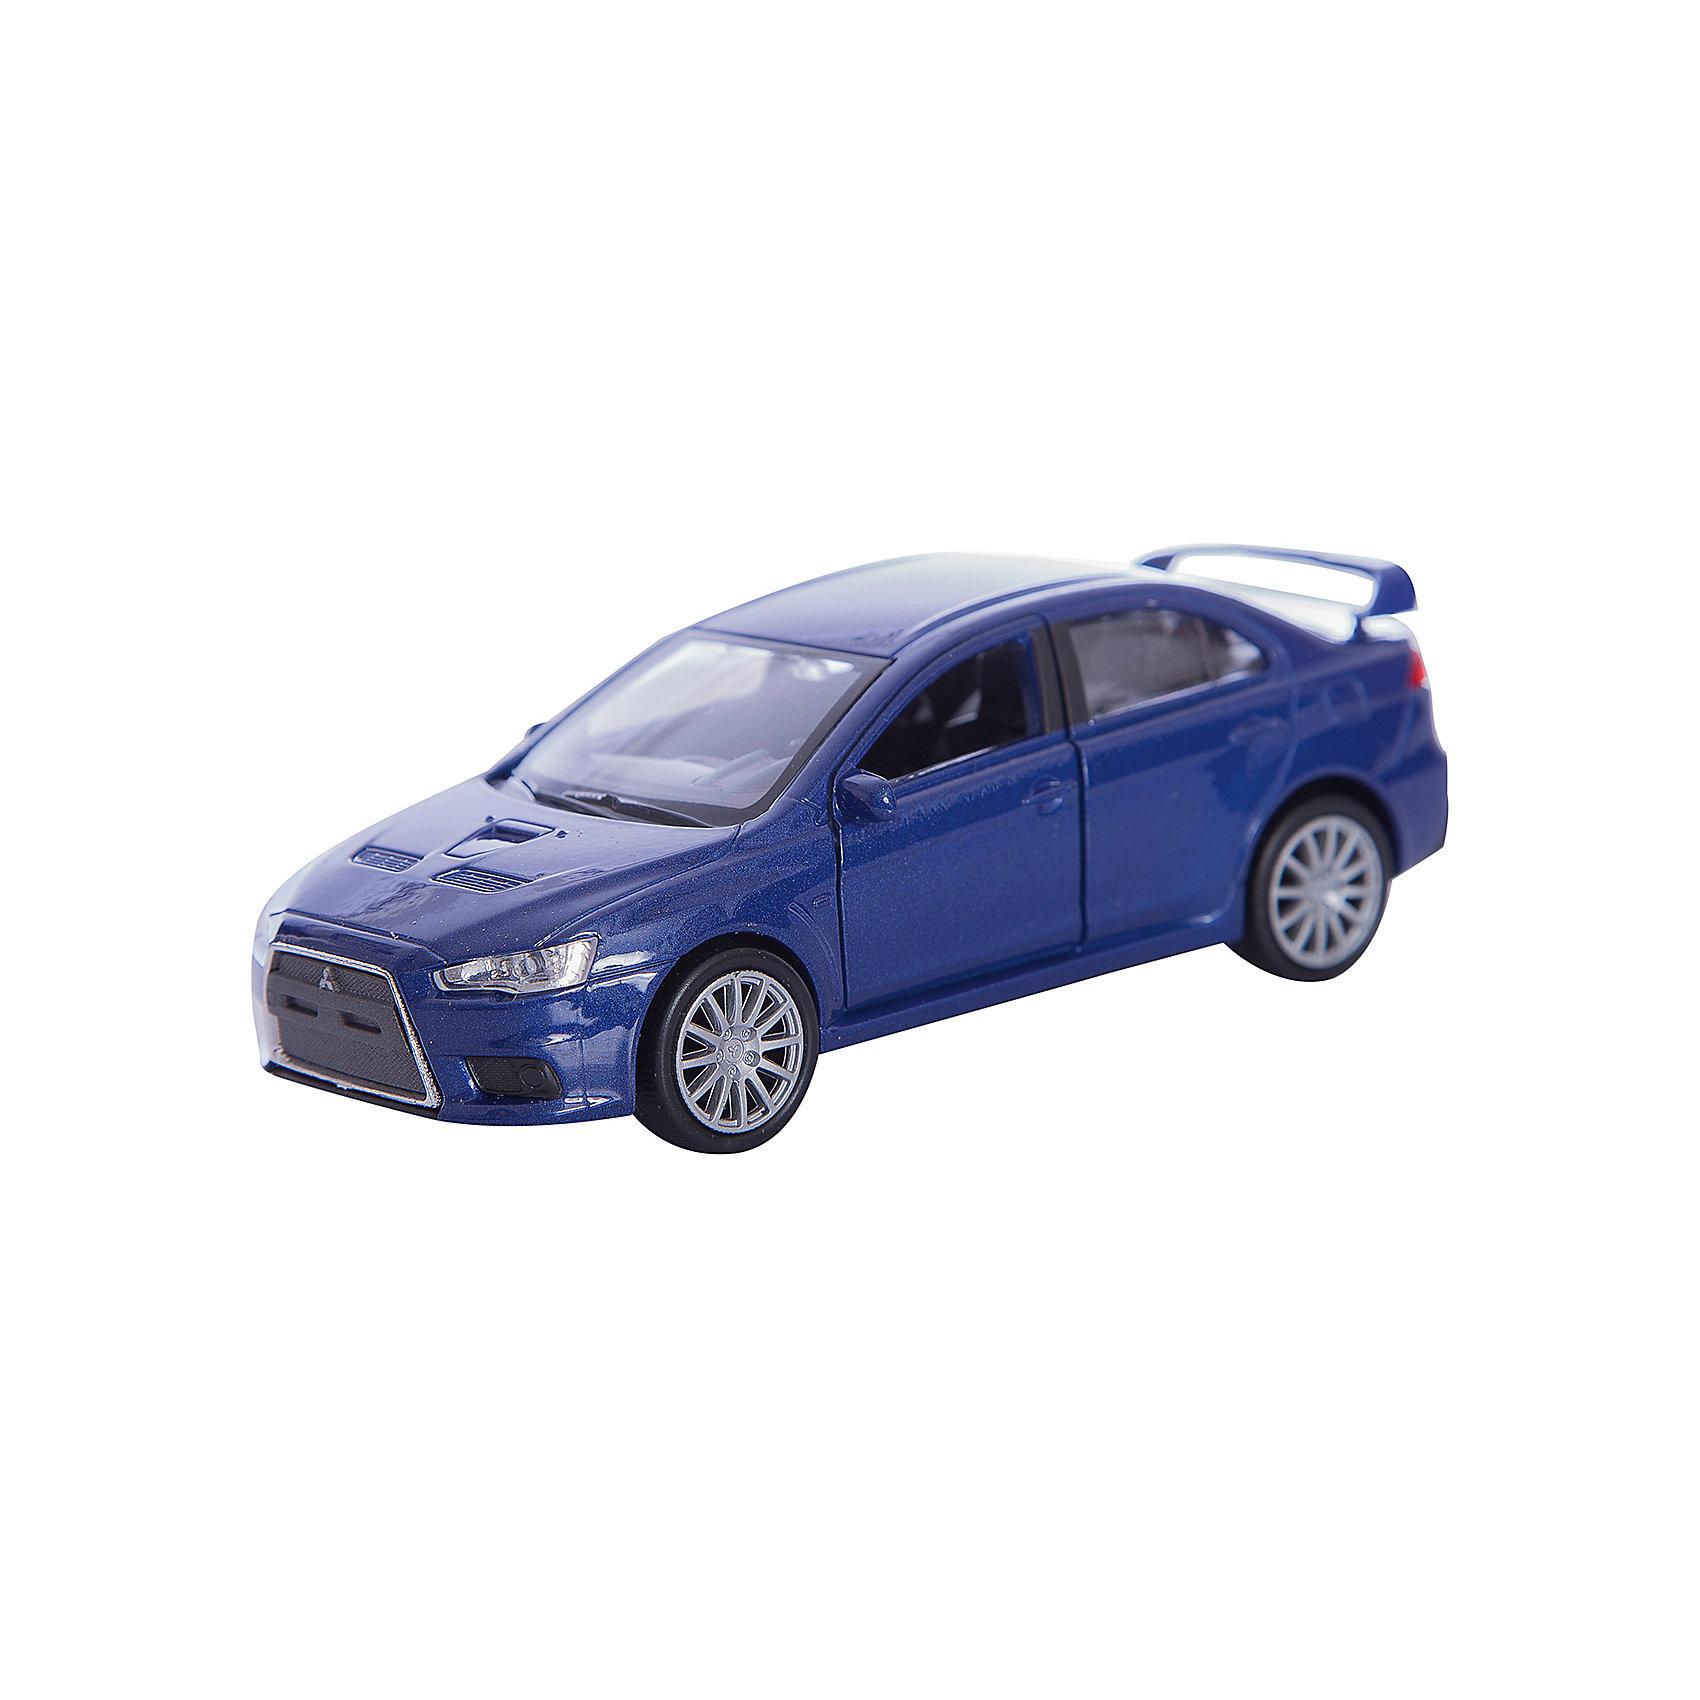 Модель машины 1:34-39 Mitsubishi Lancer Evolution X, WellyКоллекционные модели<br>Коллекционная модель машины 1:34-39 Mitsubishi Lancer Evolution X.<br>Цвет кузова автомобиля представлен в ассортименте. Выбрать определенный цвет заранее не представляется возможным.<br><br>Ширина мм: 60<br>Глубина мм: 110<br>Высота мм: 150<br>Вес г: 166<br>Возраст от месяцев: 36<br>Возраст до месяцев: 192<br>Пол: Мужской<br>Возраст: Детский<br>SKU: 4966538